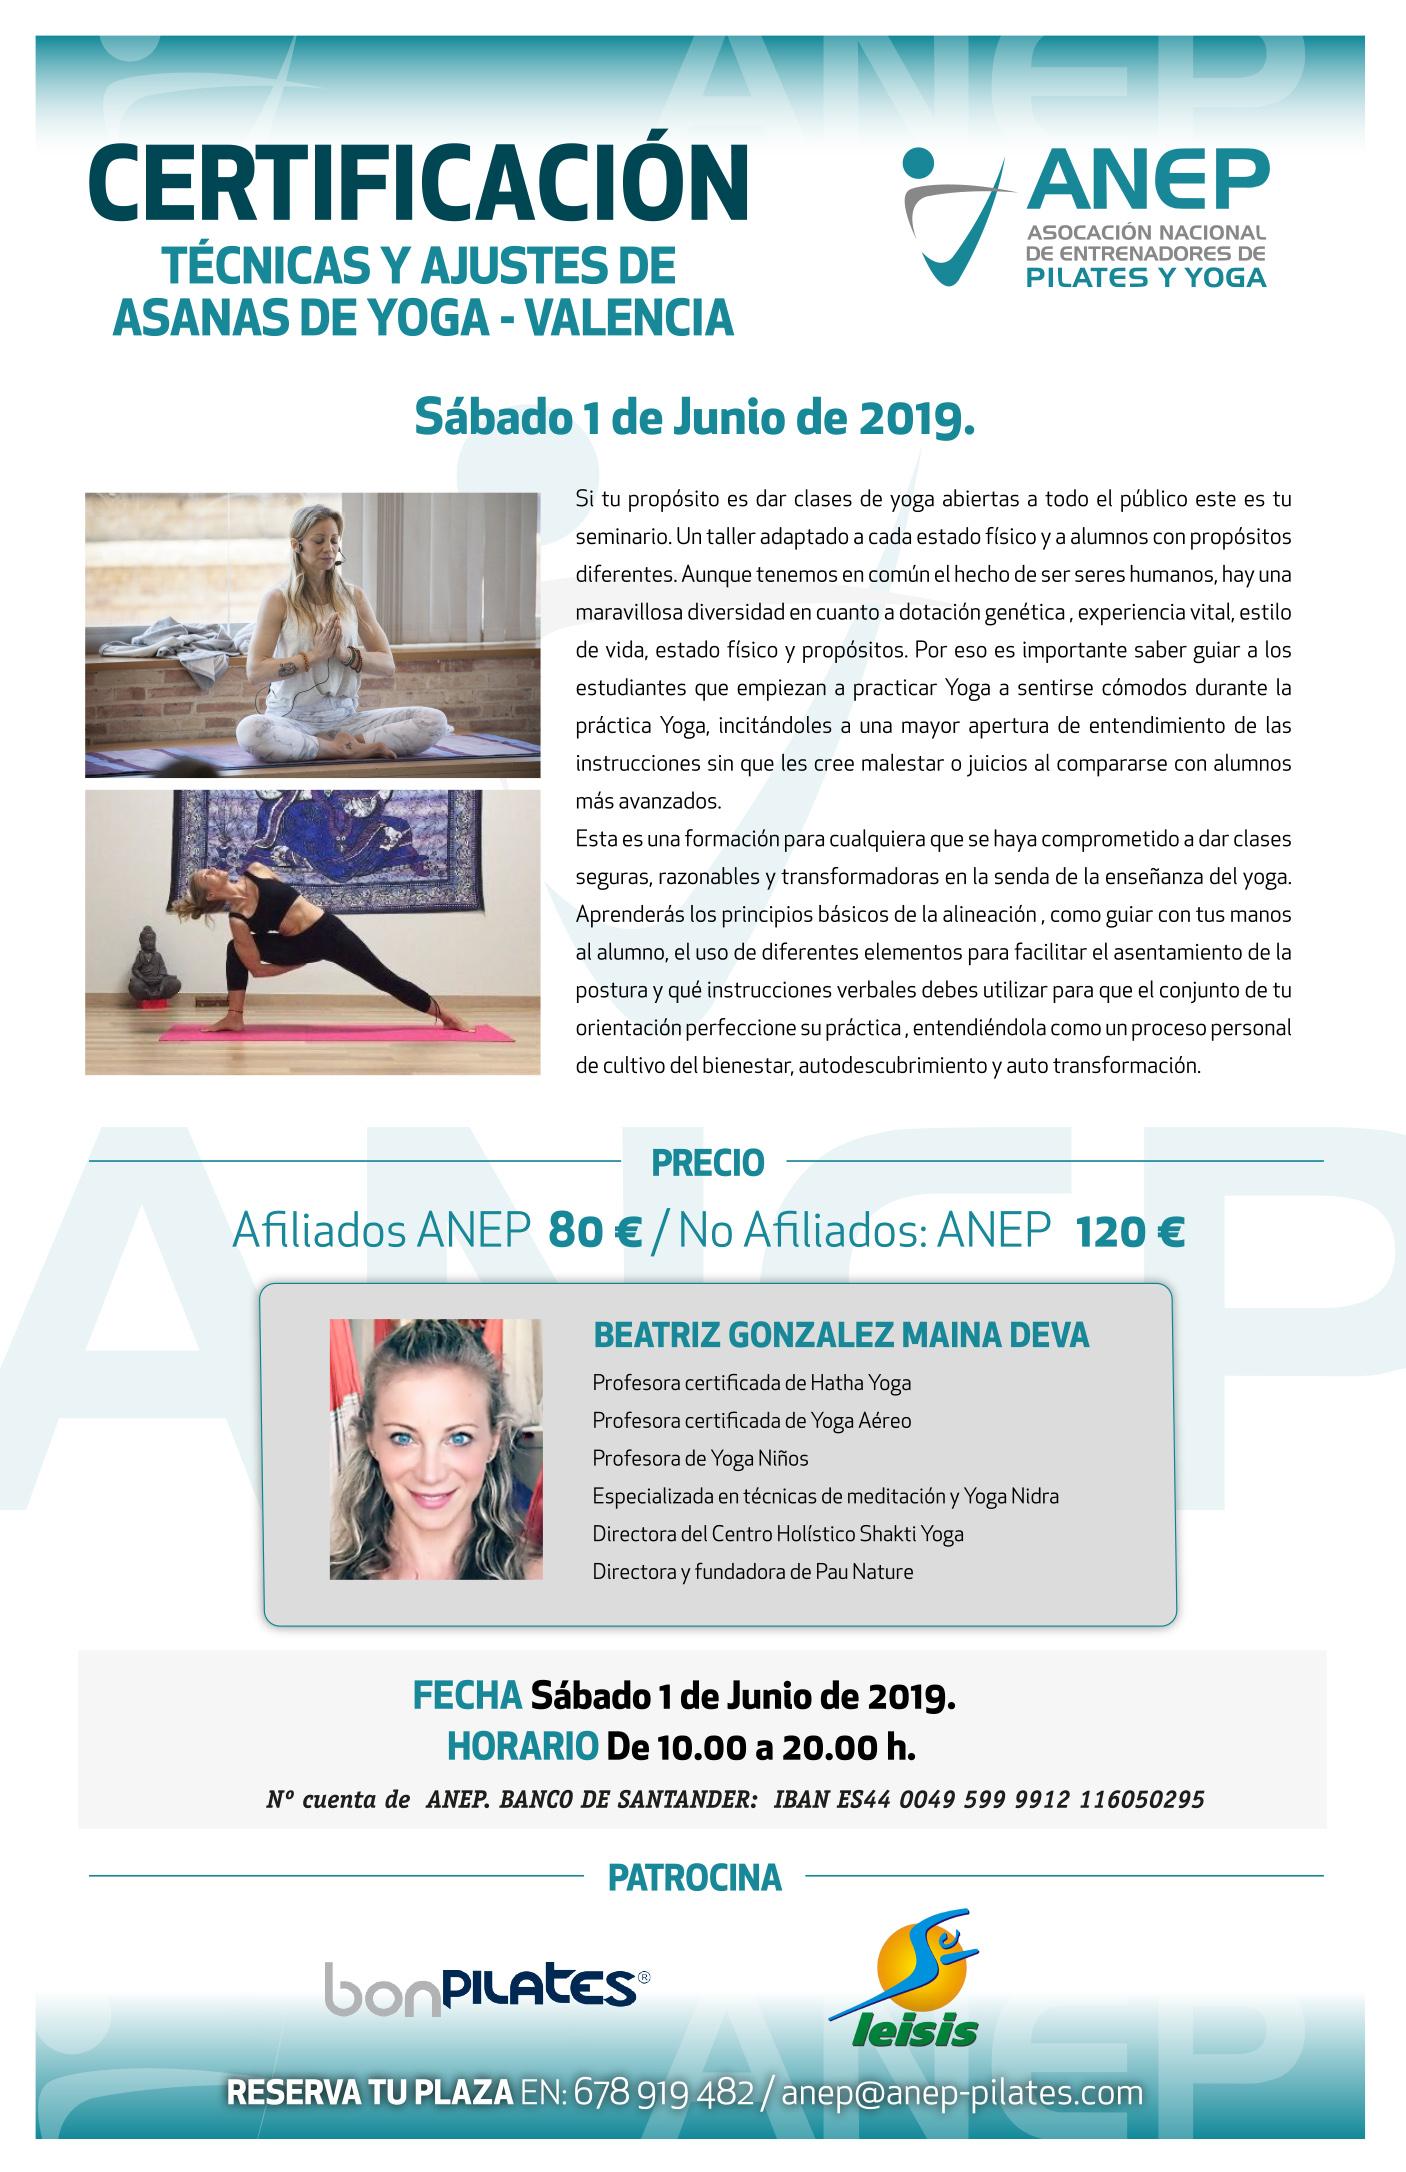 Calendario de Actividades de ANEP Pilates y Yoga